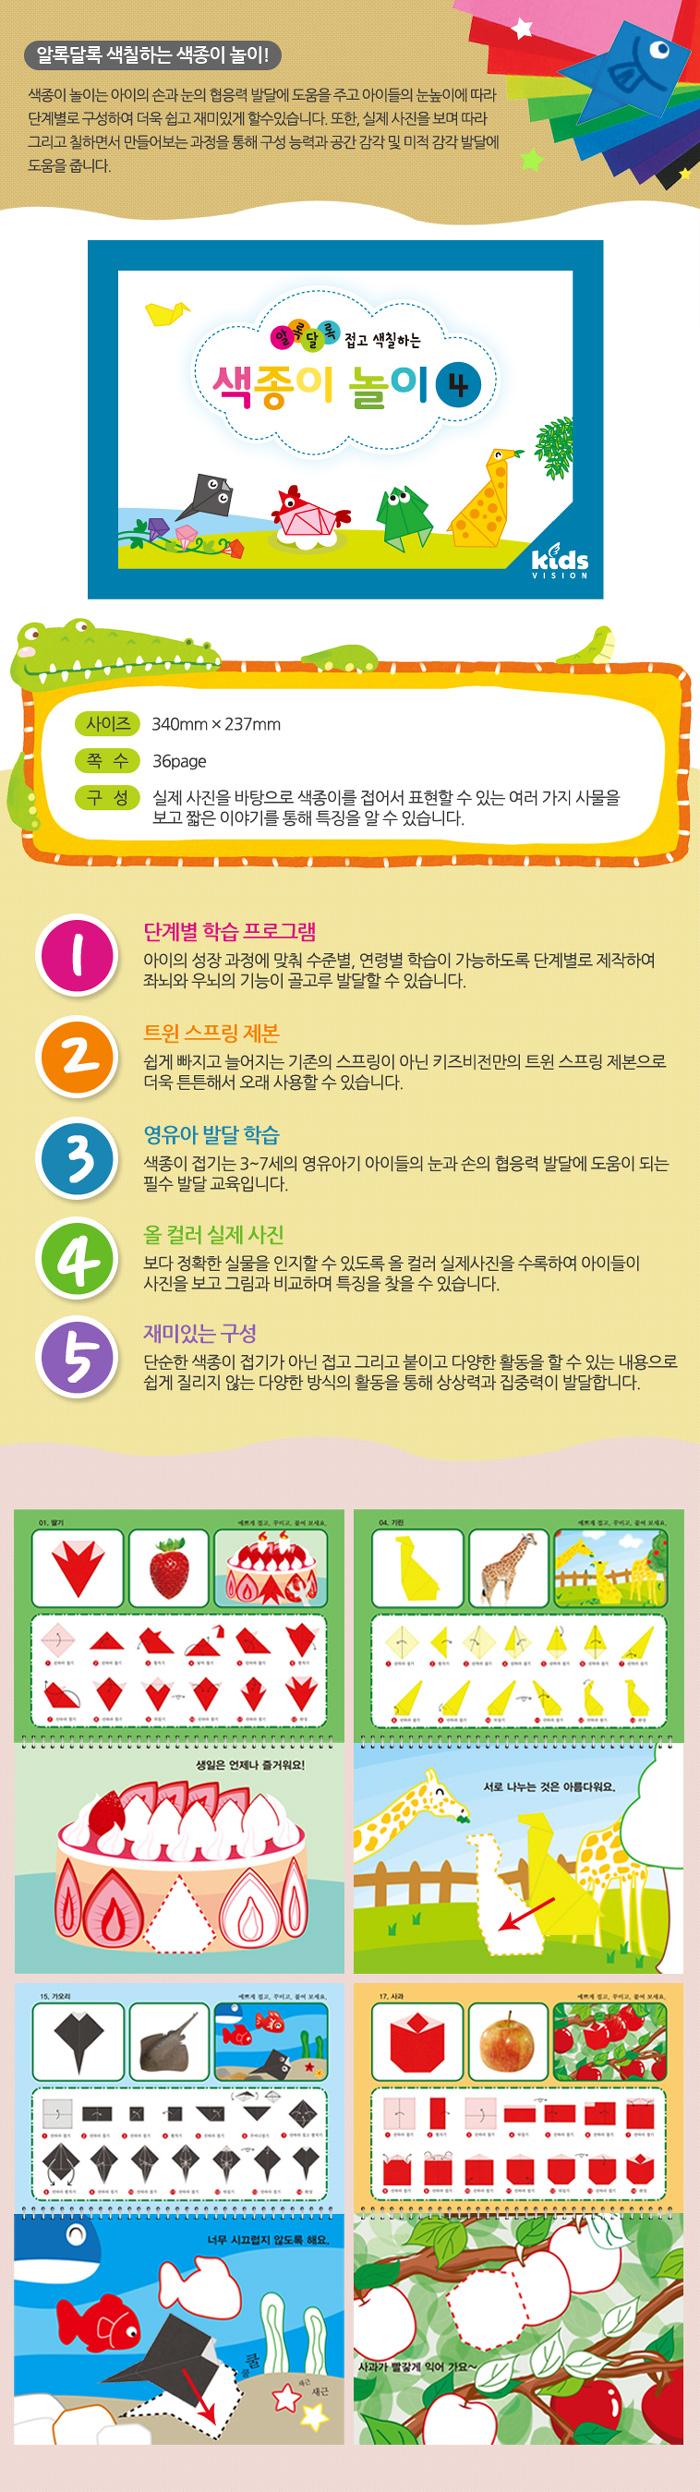 kidsvision_36_1.jpg